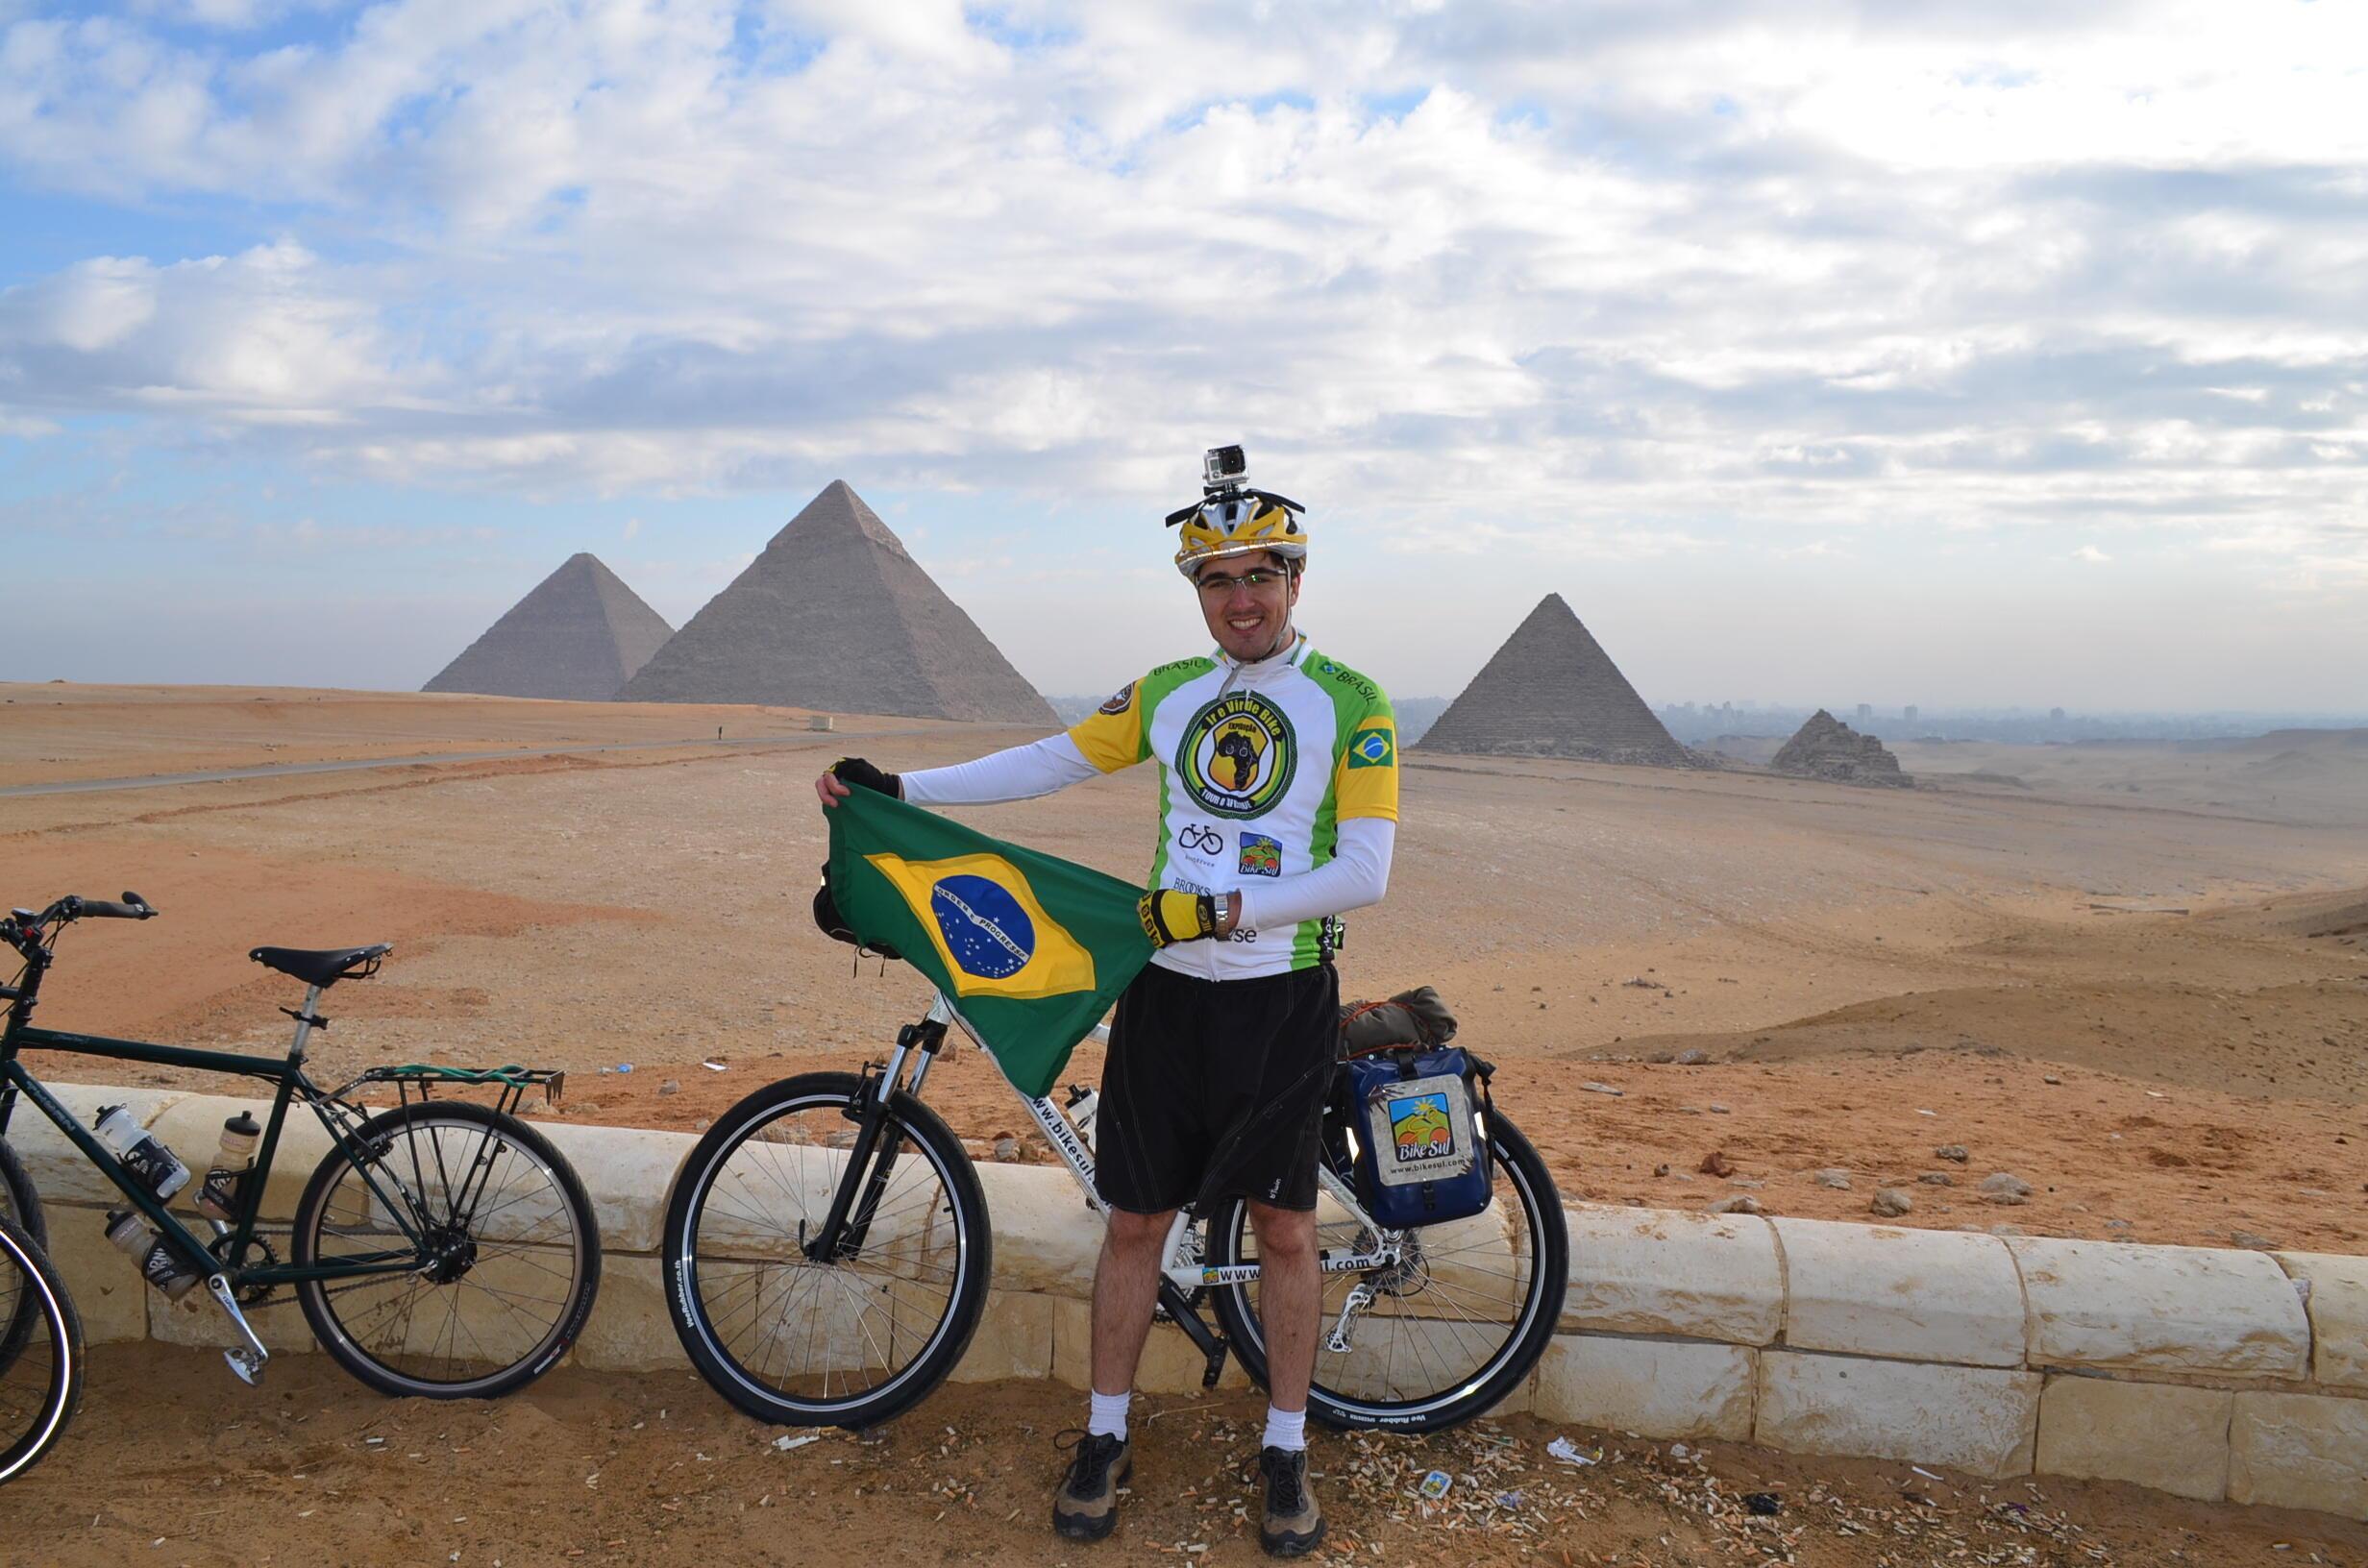 Alexandre Costa Nascimento passando pelas pirâmides do Egito, um dos 11 países percorridos.